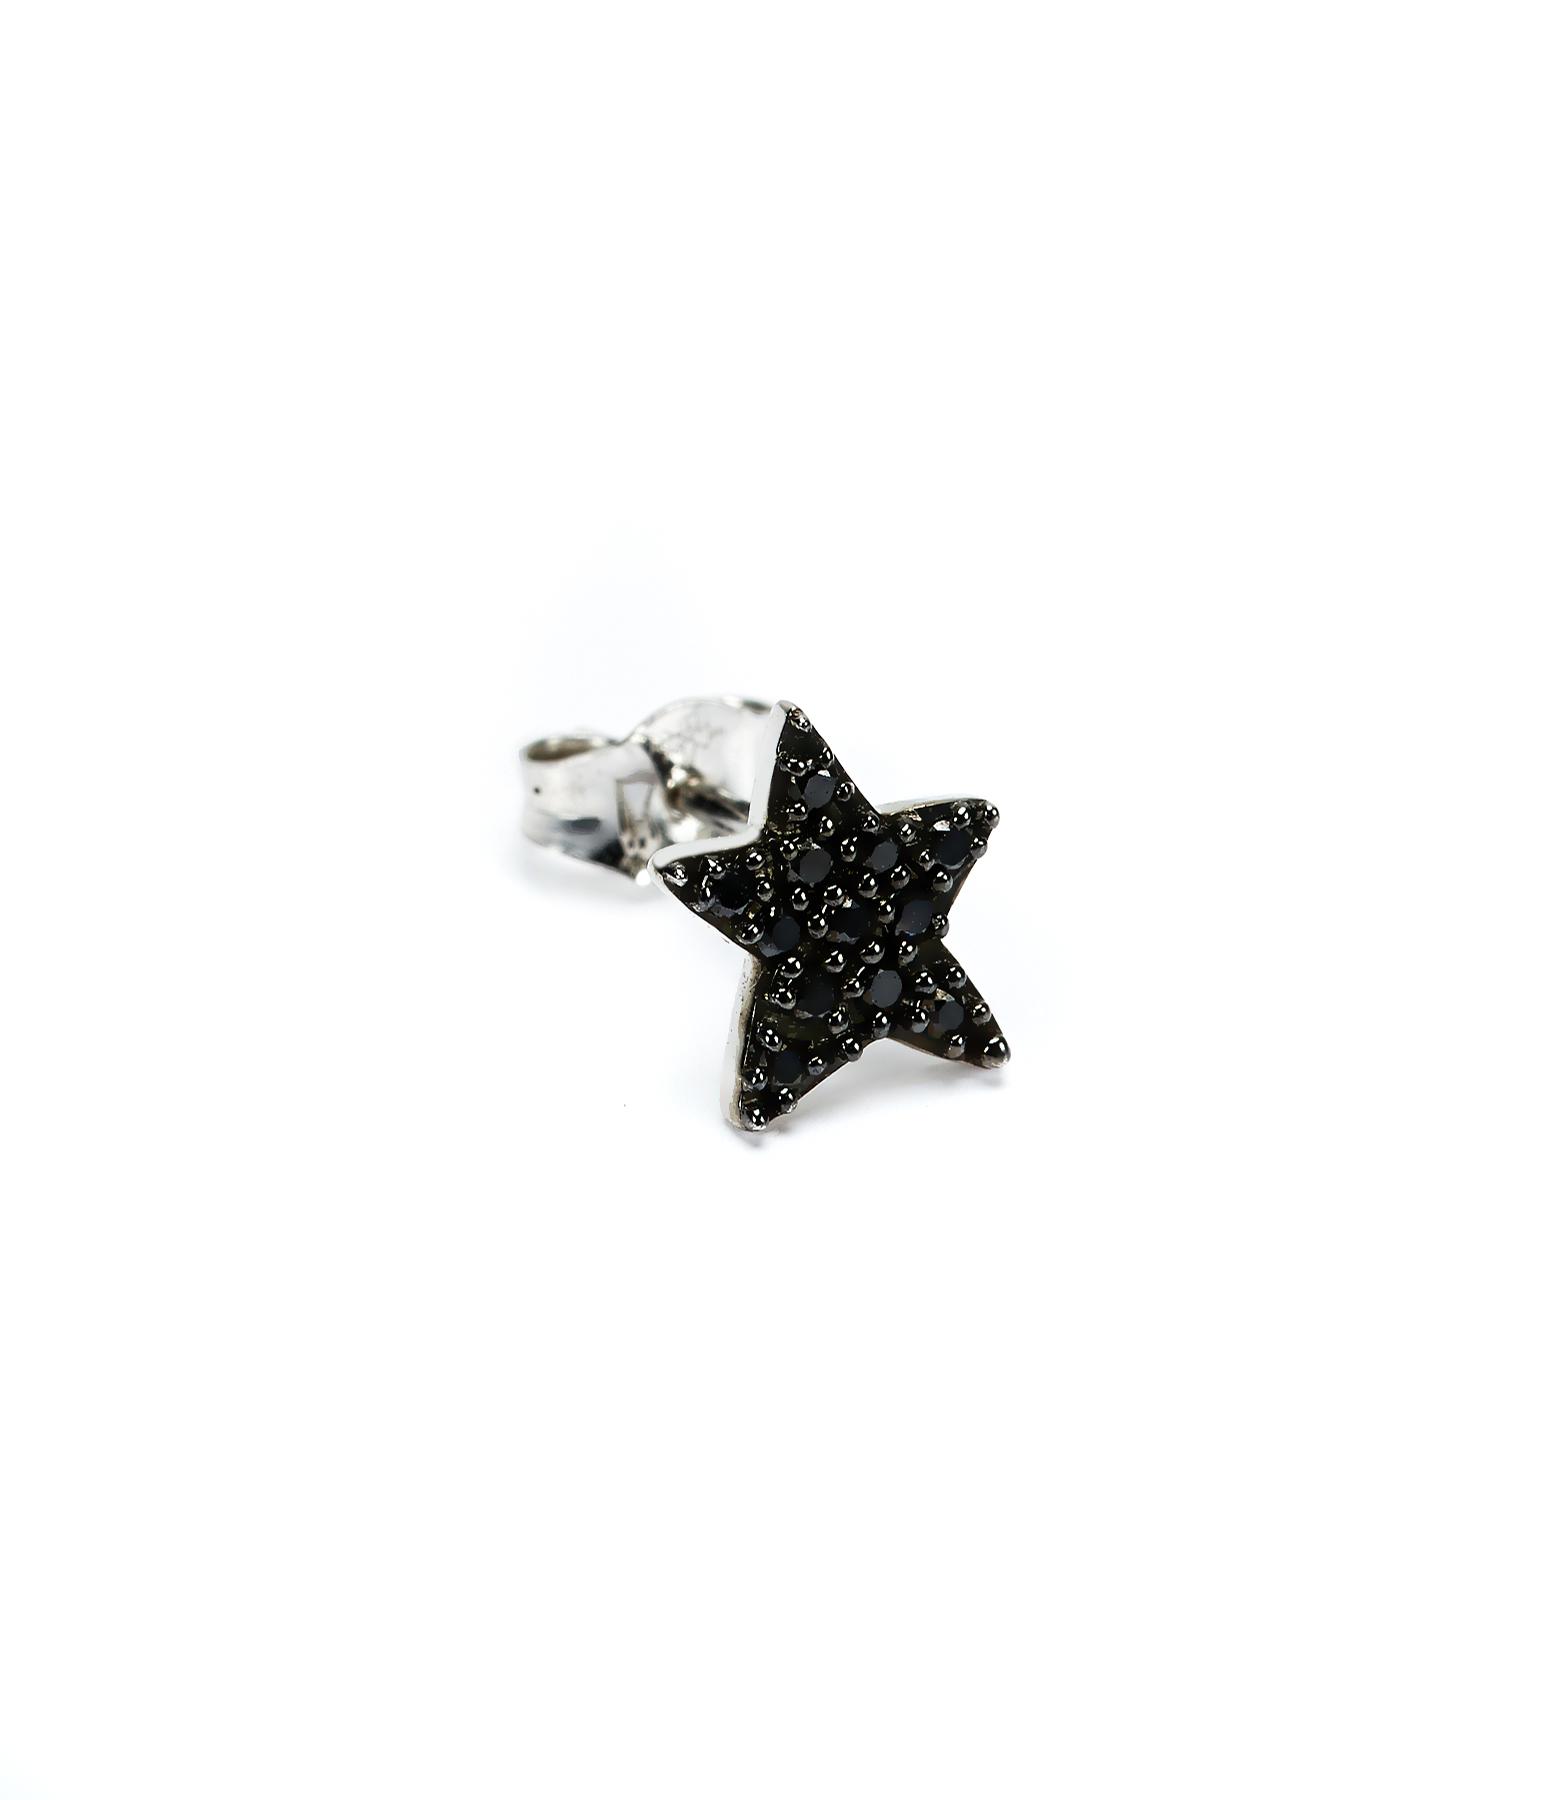 Boucle d'oreille Etoile Pavée Diamants noirs 18K (vendue à l'unité)